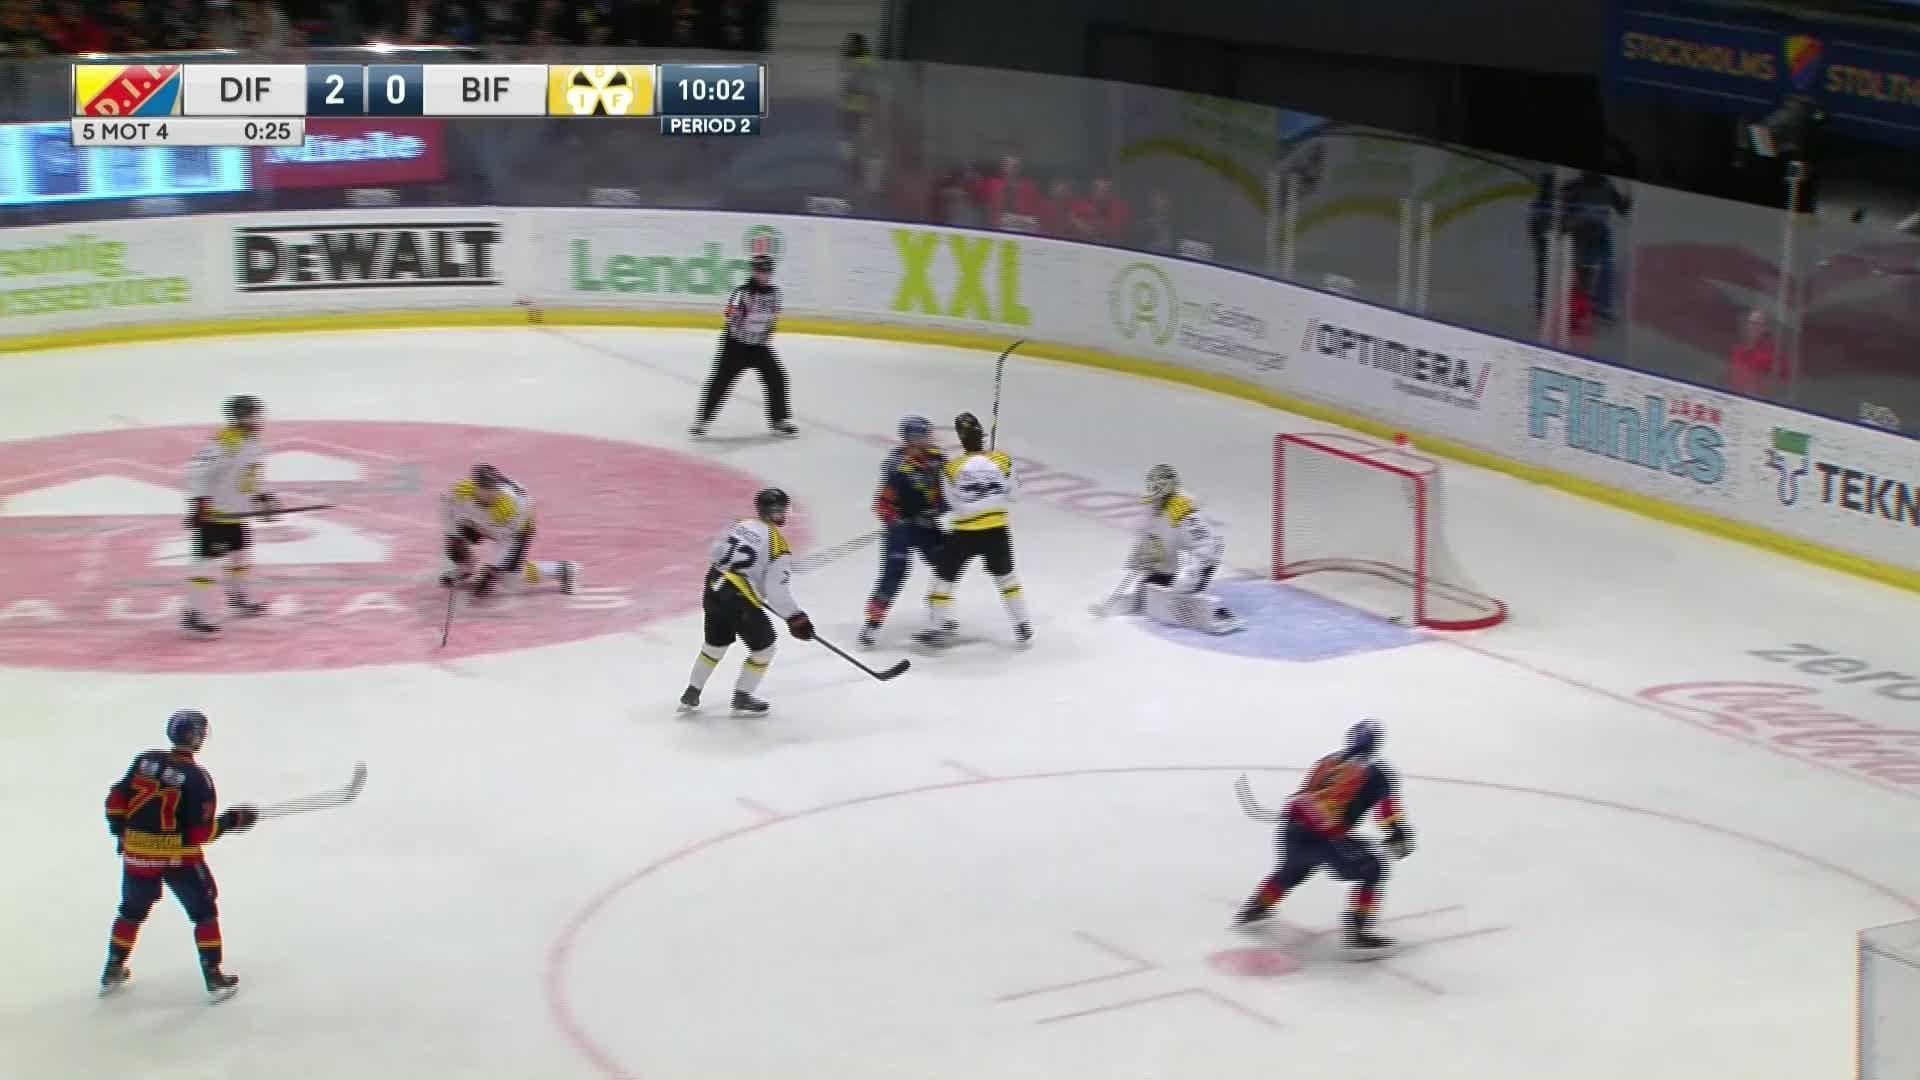 Djurgården Hockey - Brynäs IF 3-0